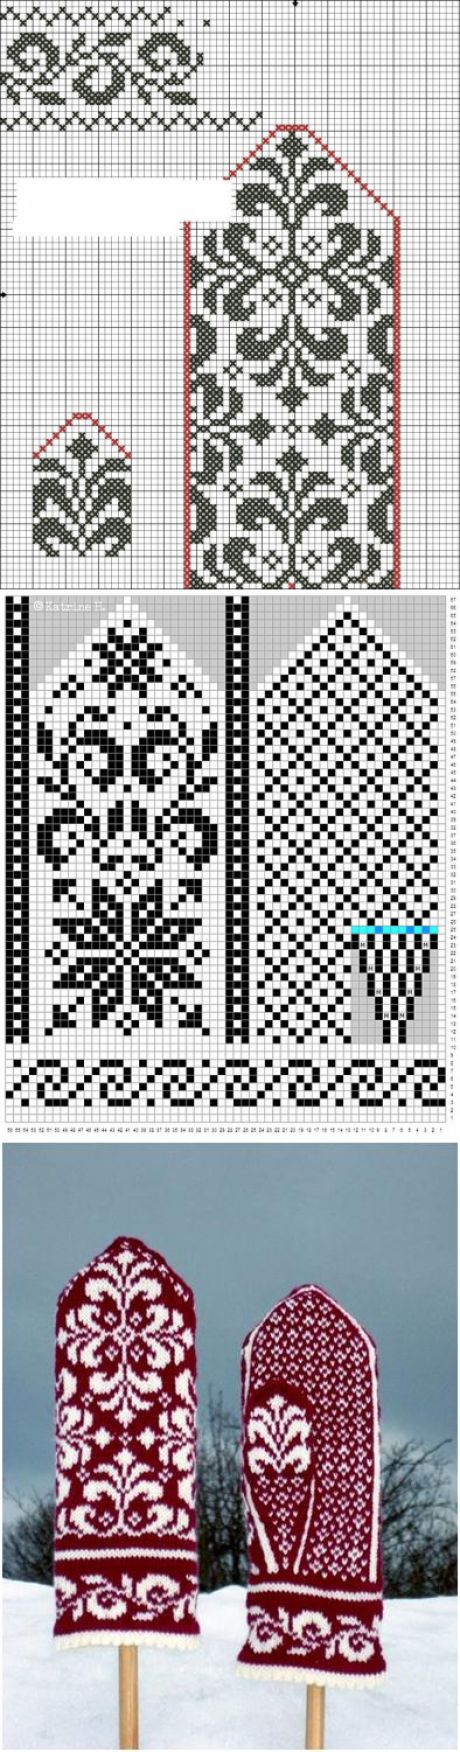 Варежки с жаккардом: идеи и схемы - Ярмарка Мастеров - ручная работа, handmade